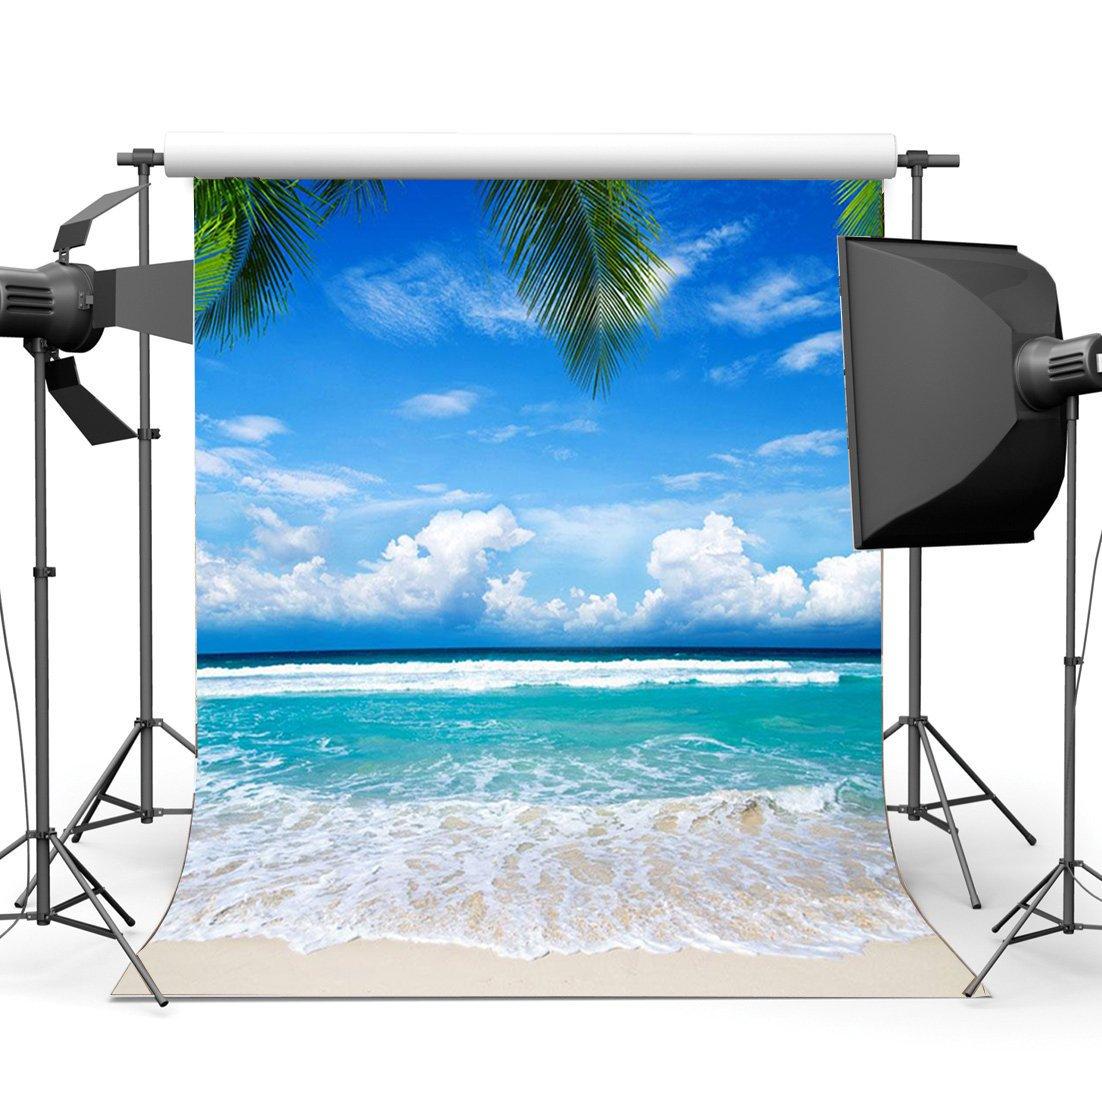 Морской песок пляж фон голубое небо белое облако природа Романтический летний праздник путешествие океан парусный фон-in Аксессуары для фотостудии from Бытовая электроника on AliExpress - 11.11_Double 11_Singles' Day